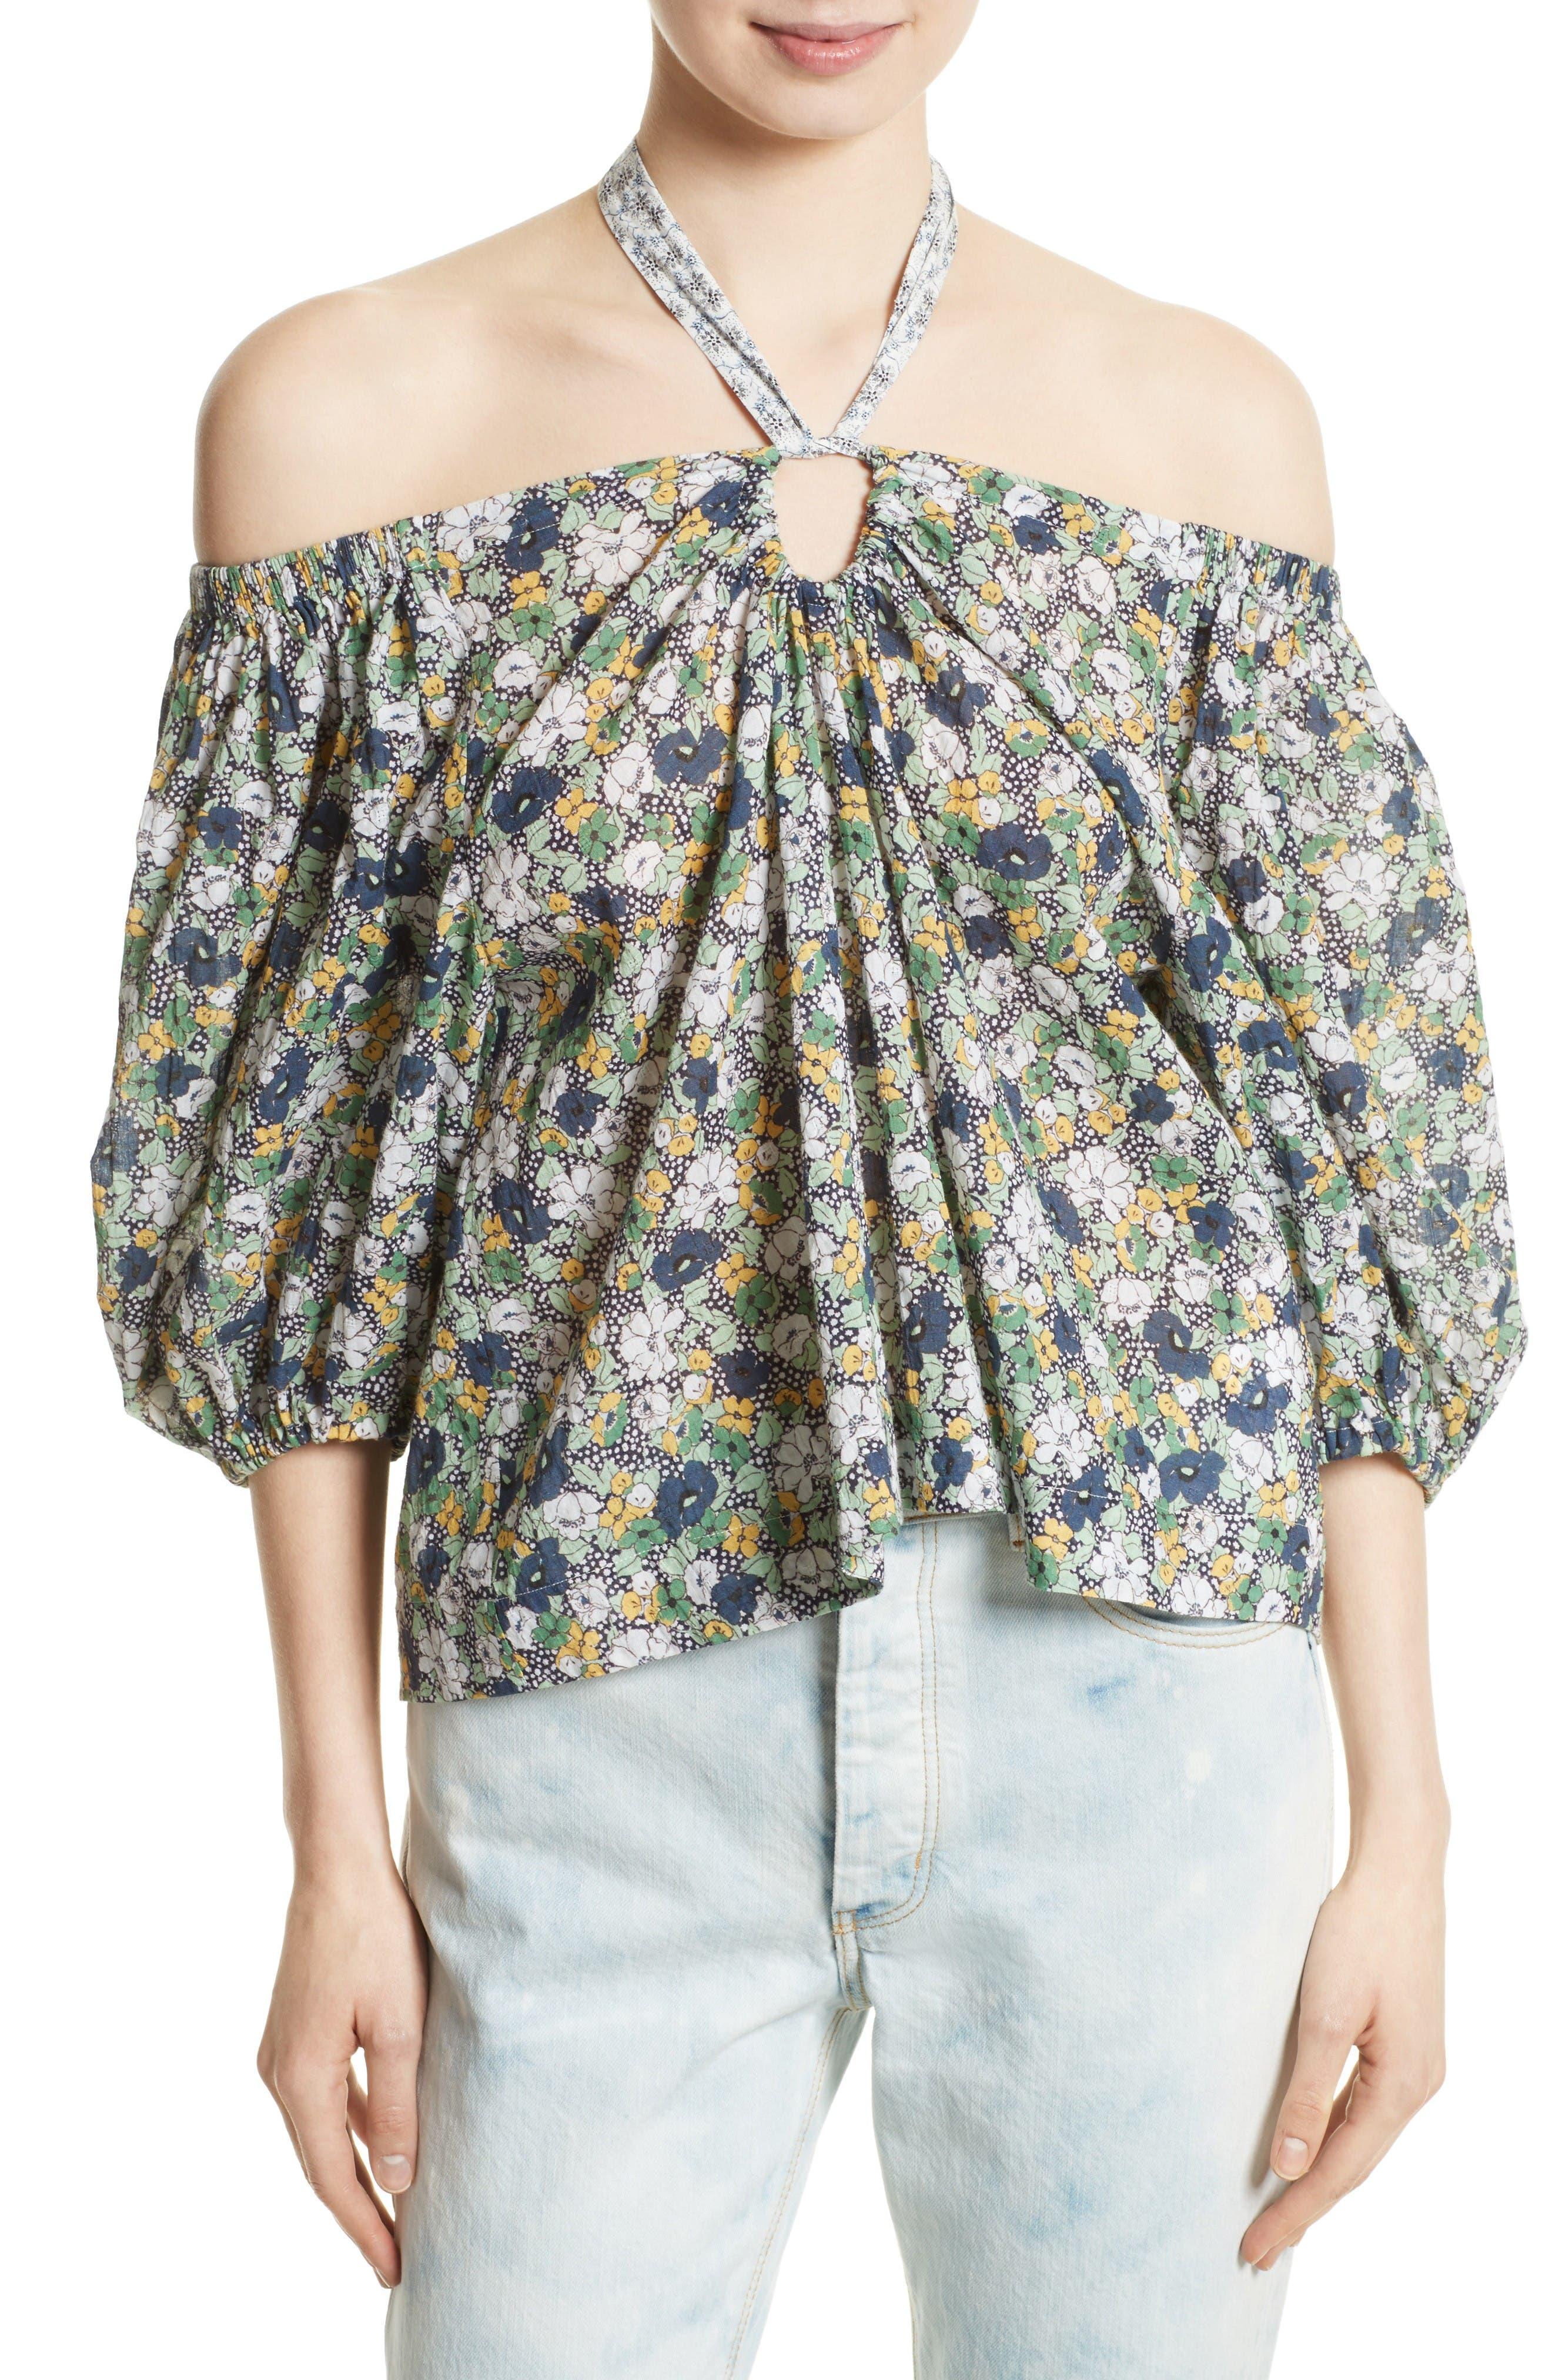 La Vie Rebecca Taylor Suzette Off the Shoulder Floral Top